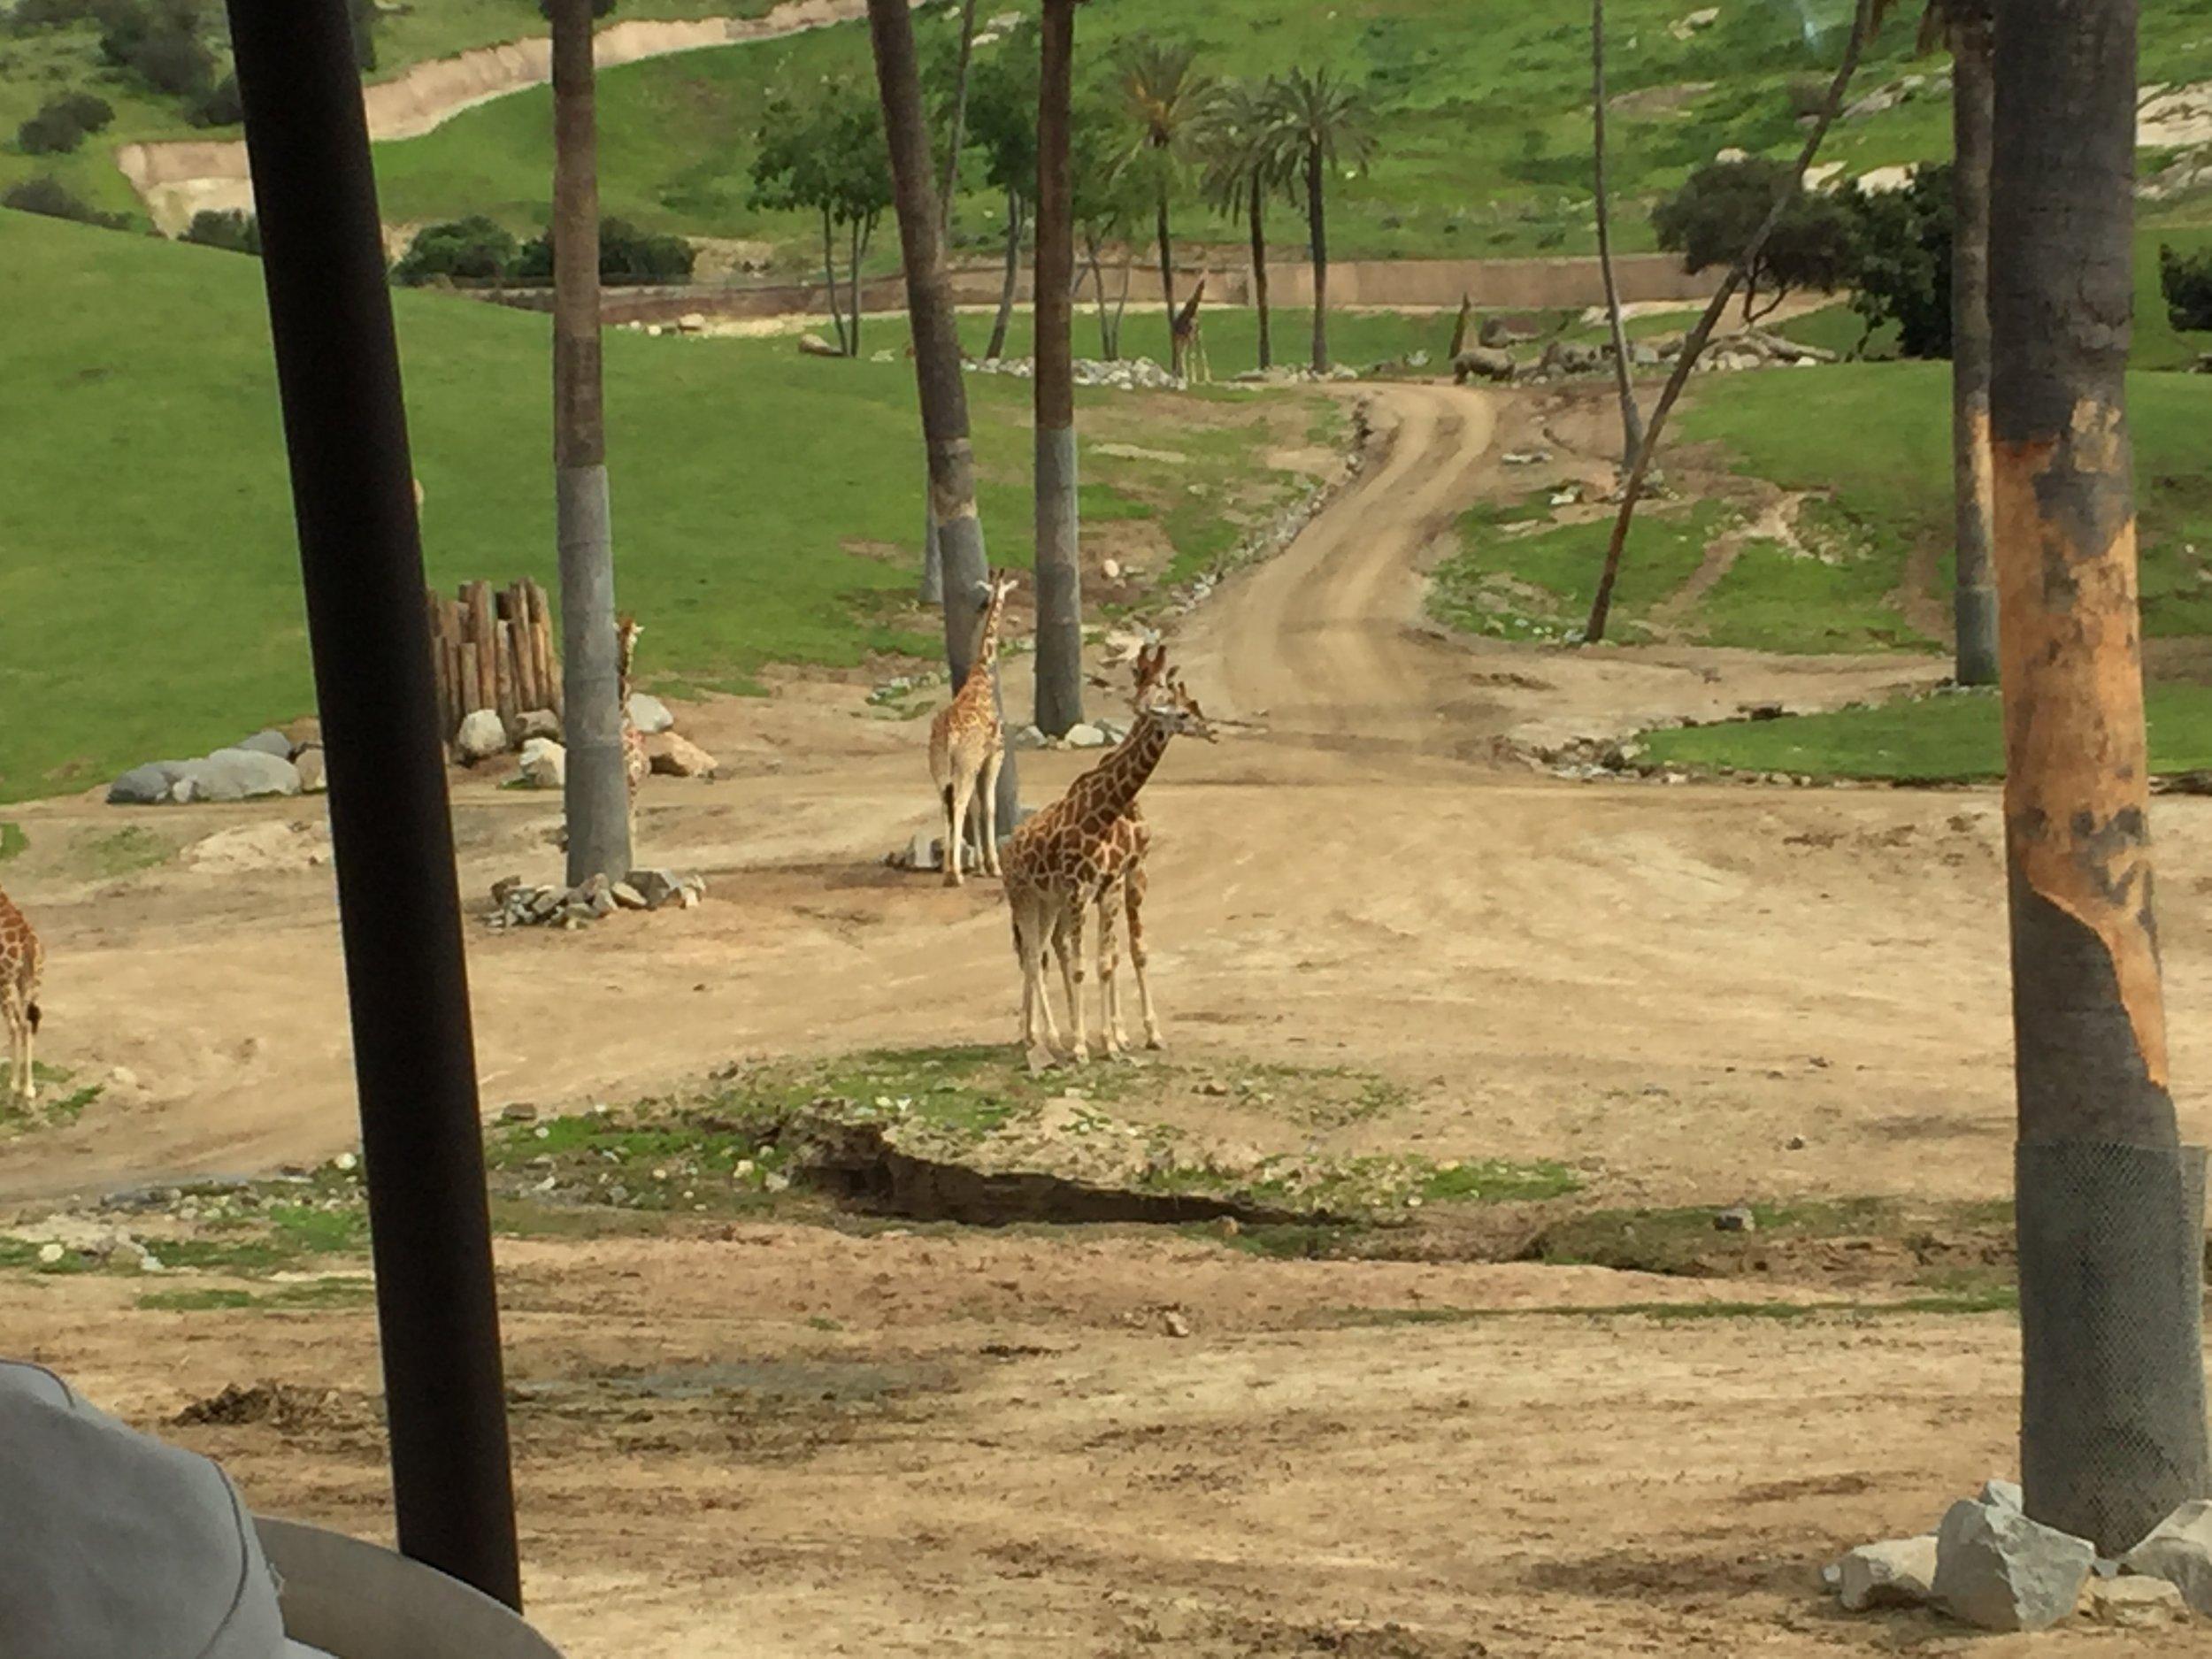 Giraffes and water buffalo at SD Zoo and Safari Park.